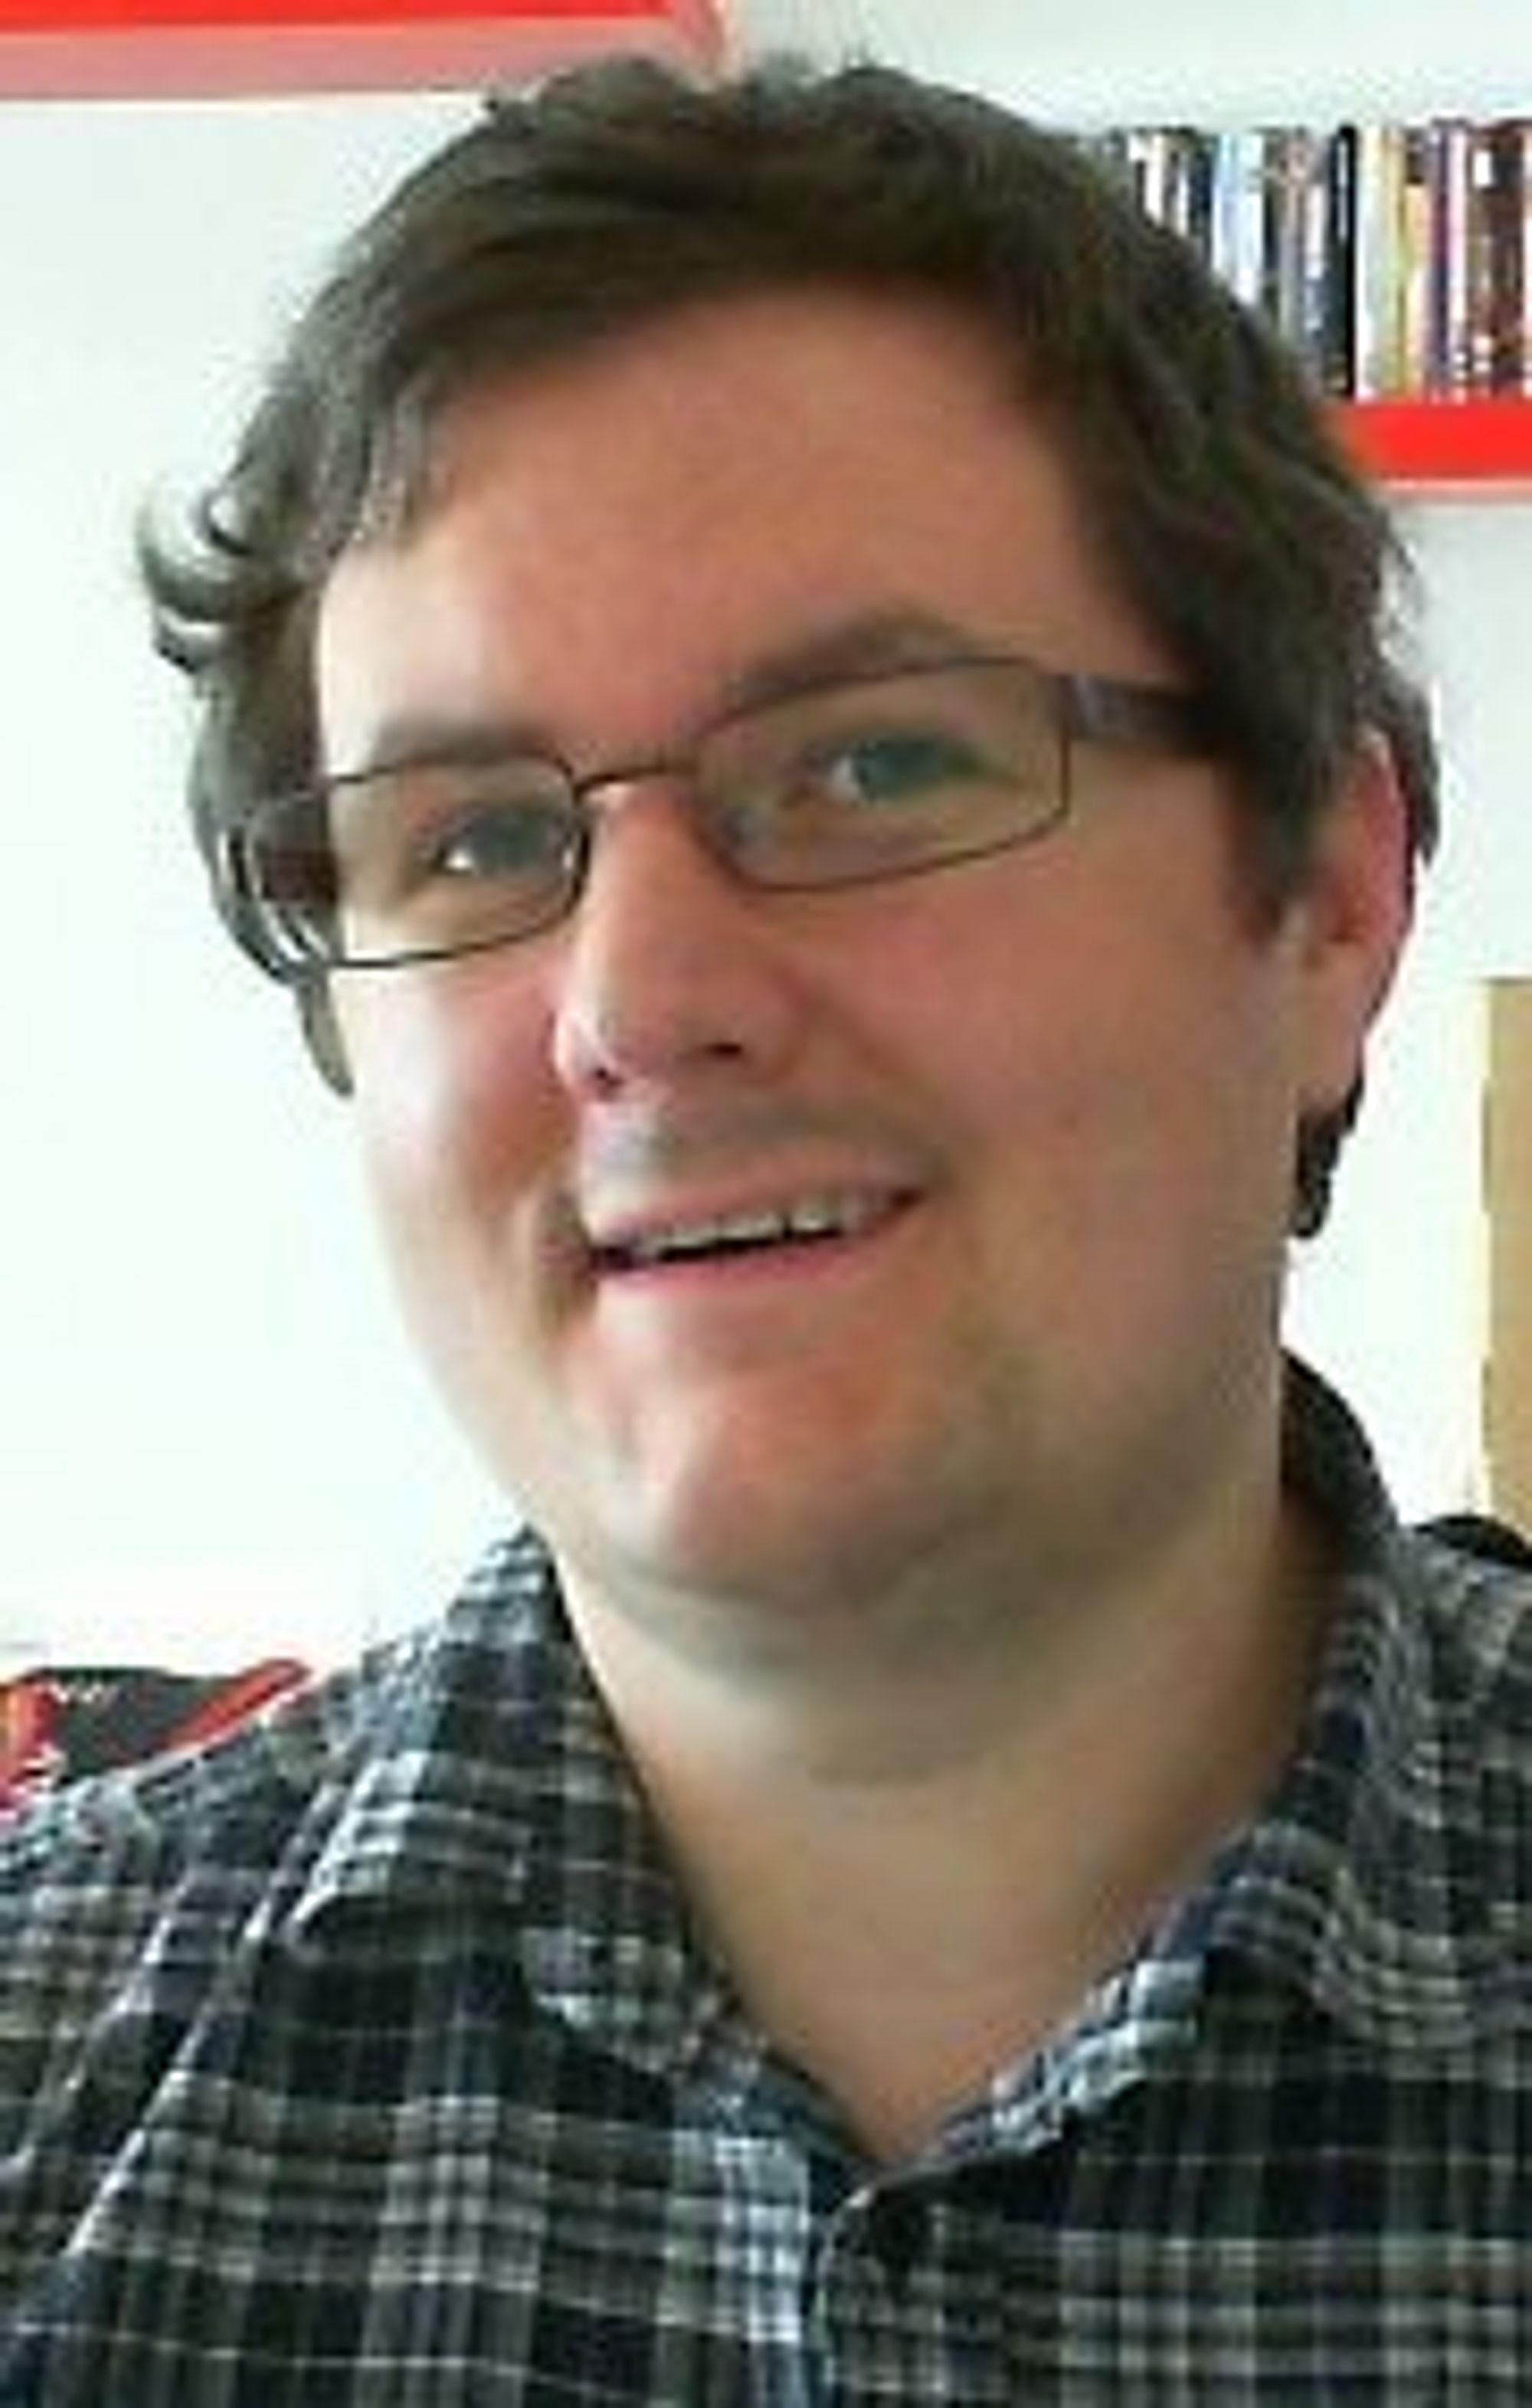 Jostein Hakestad er programleder i både Retro Crew og Rad Crew.